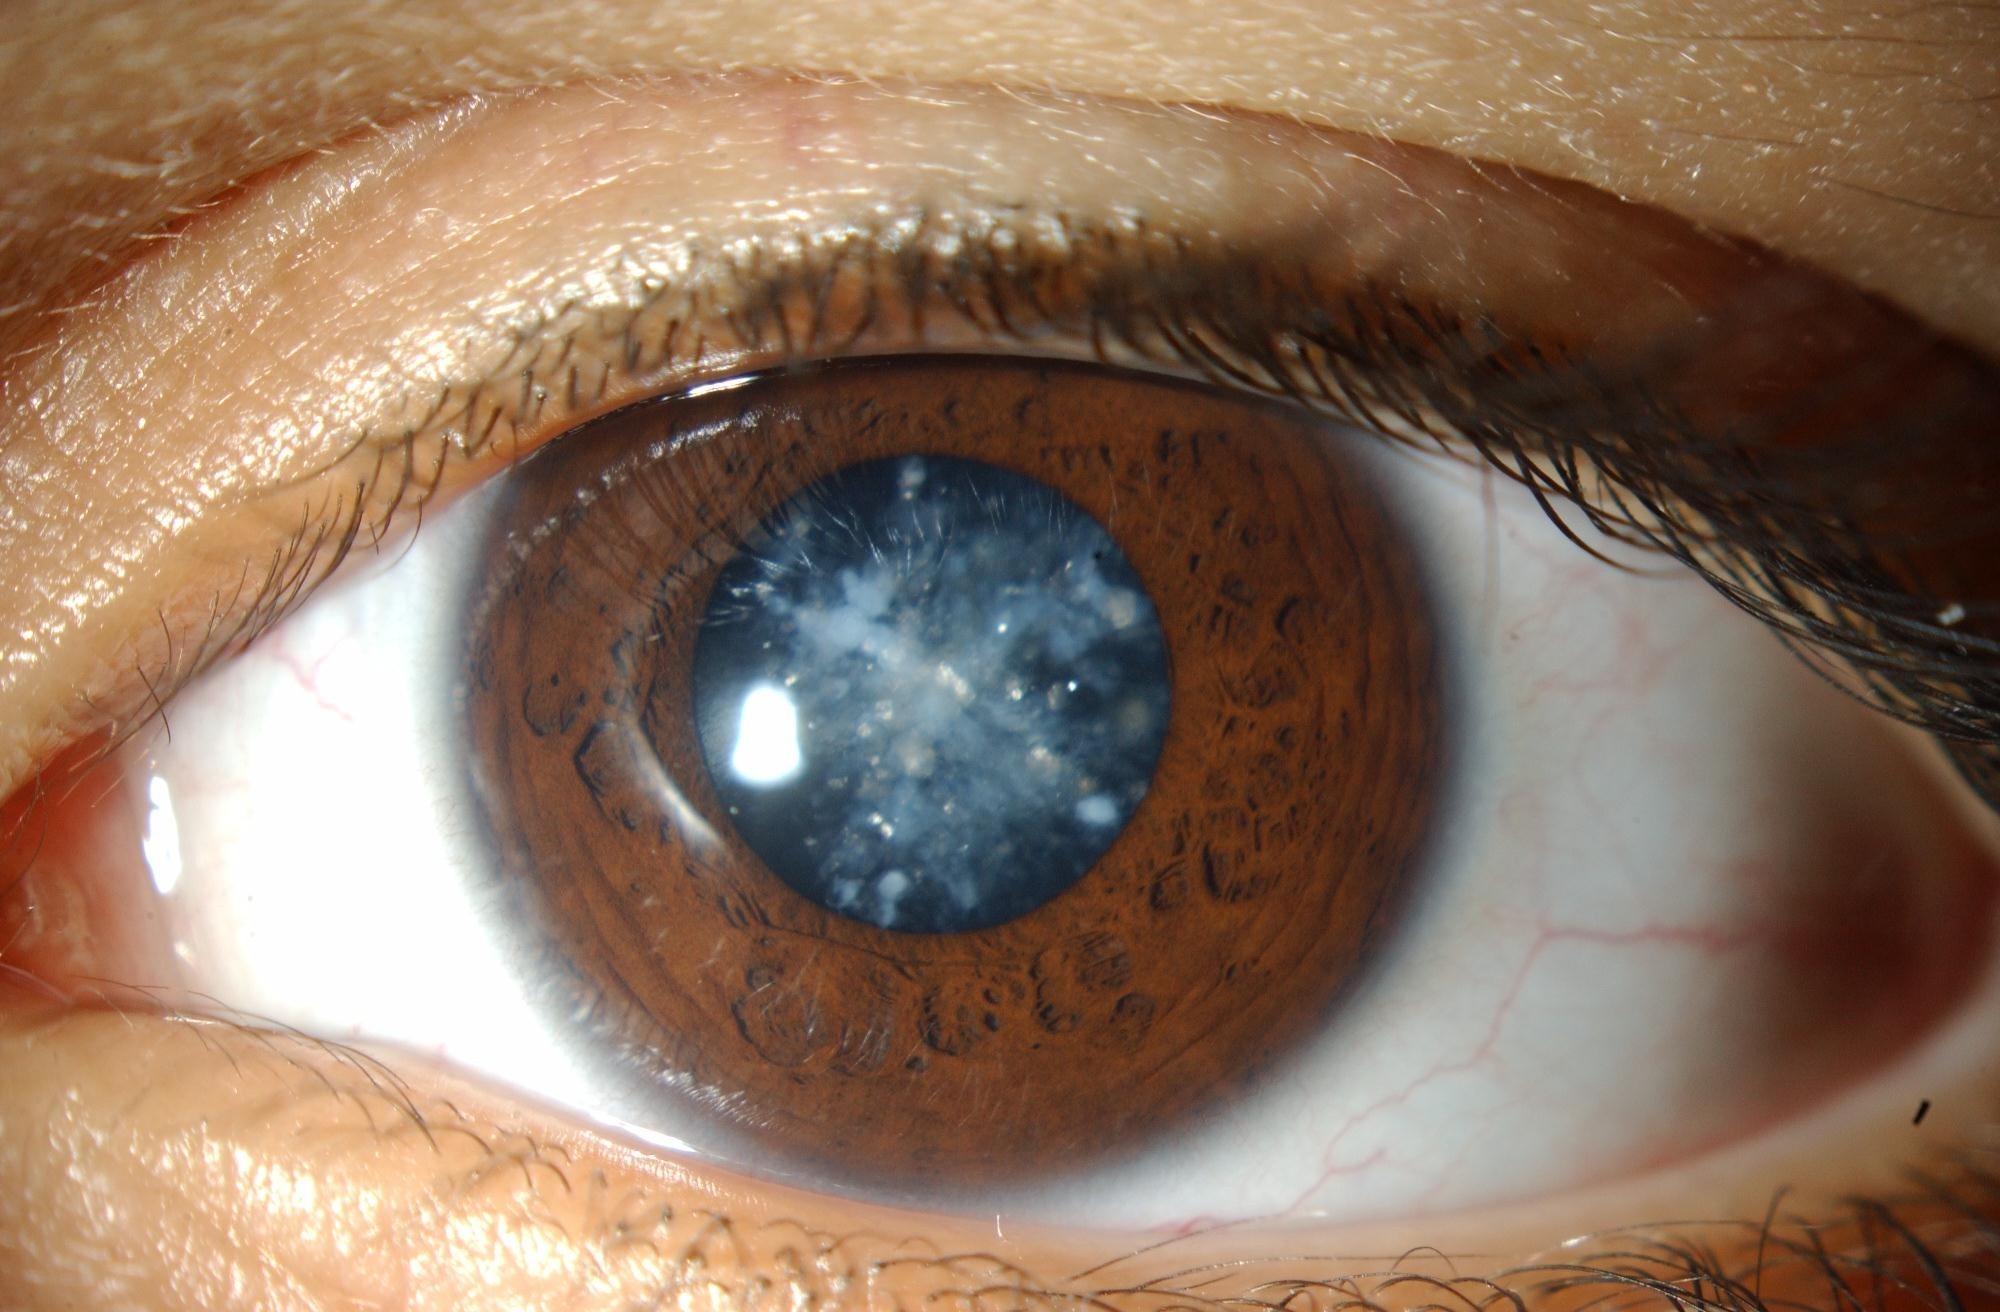 Lensa Mata Rusak Minimbulkan Penyakit Katarak Mata